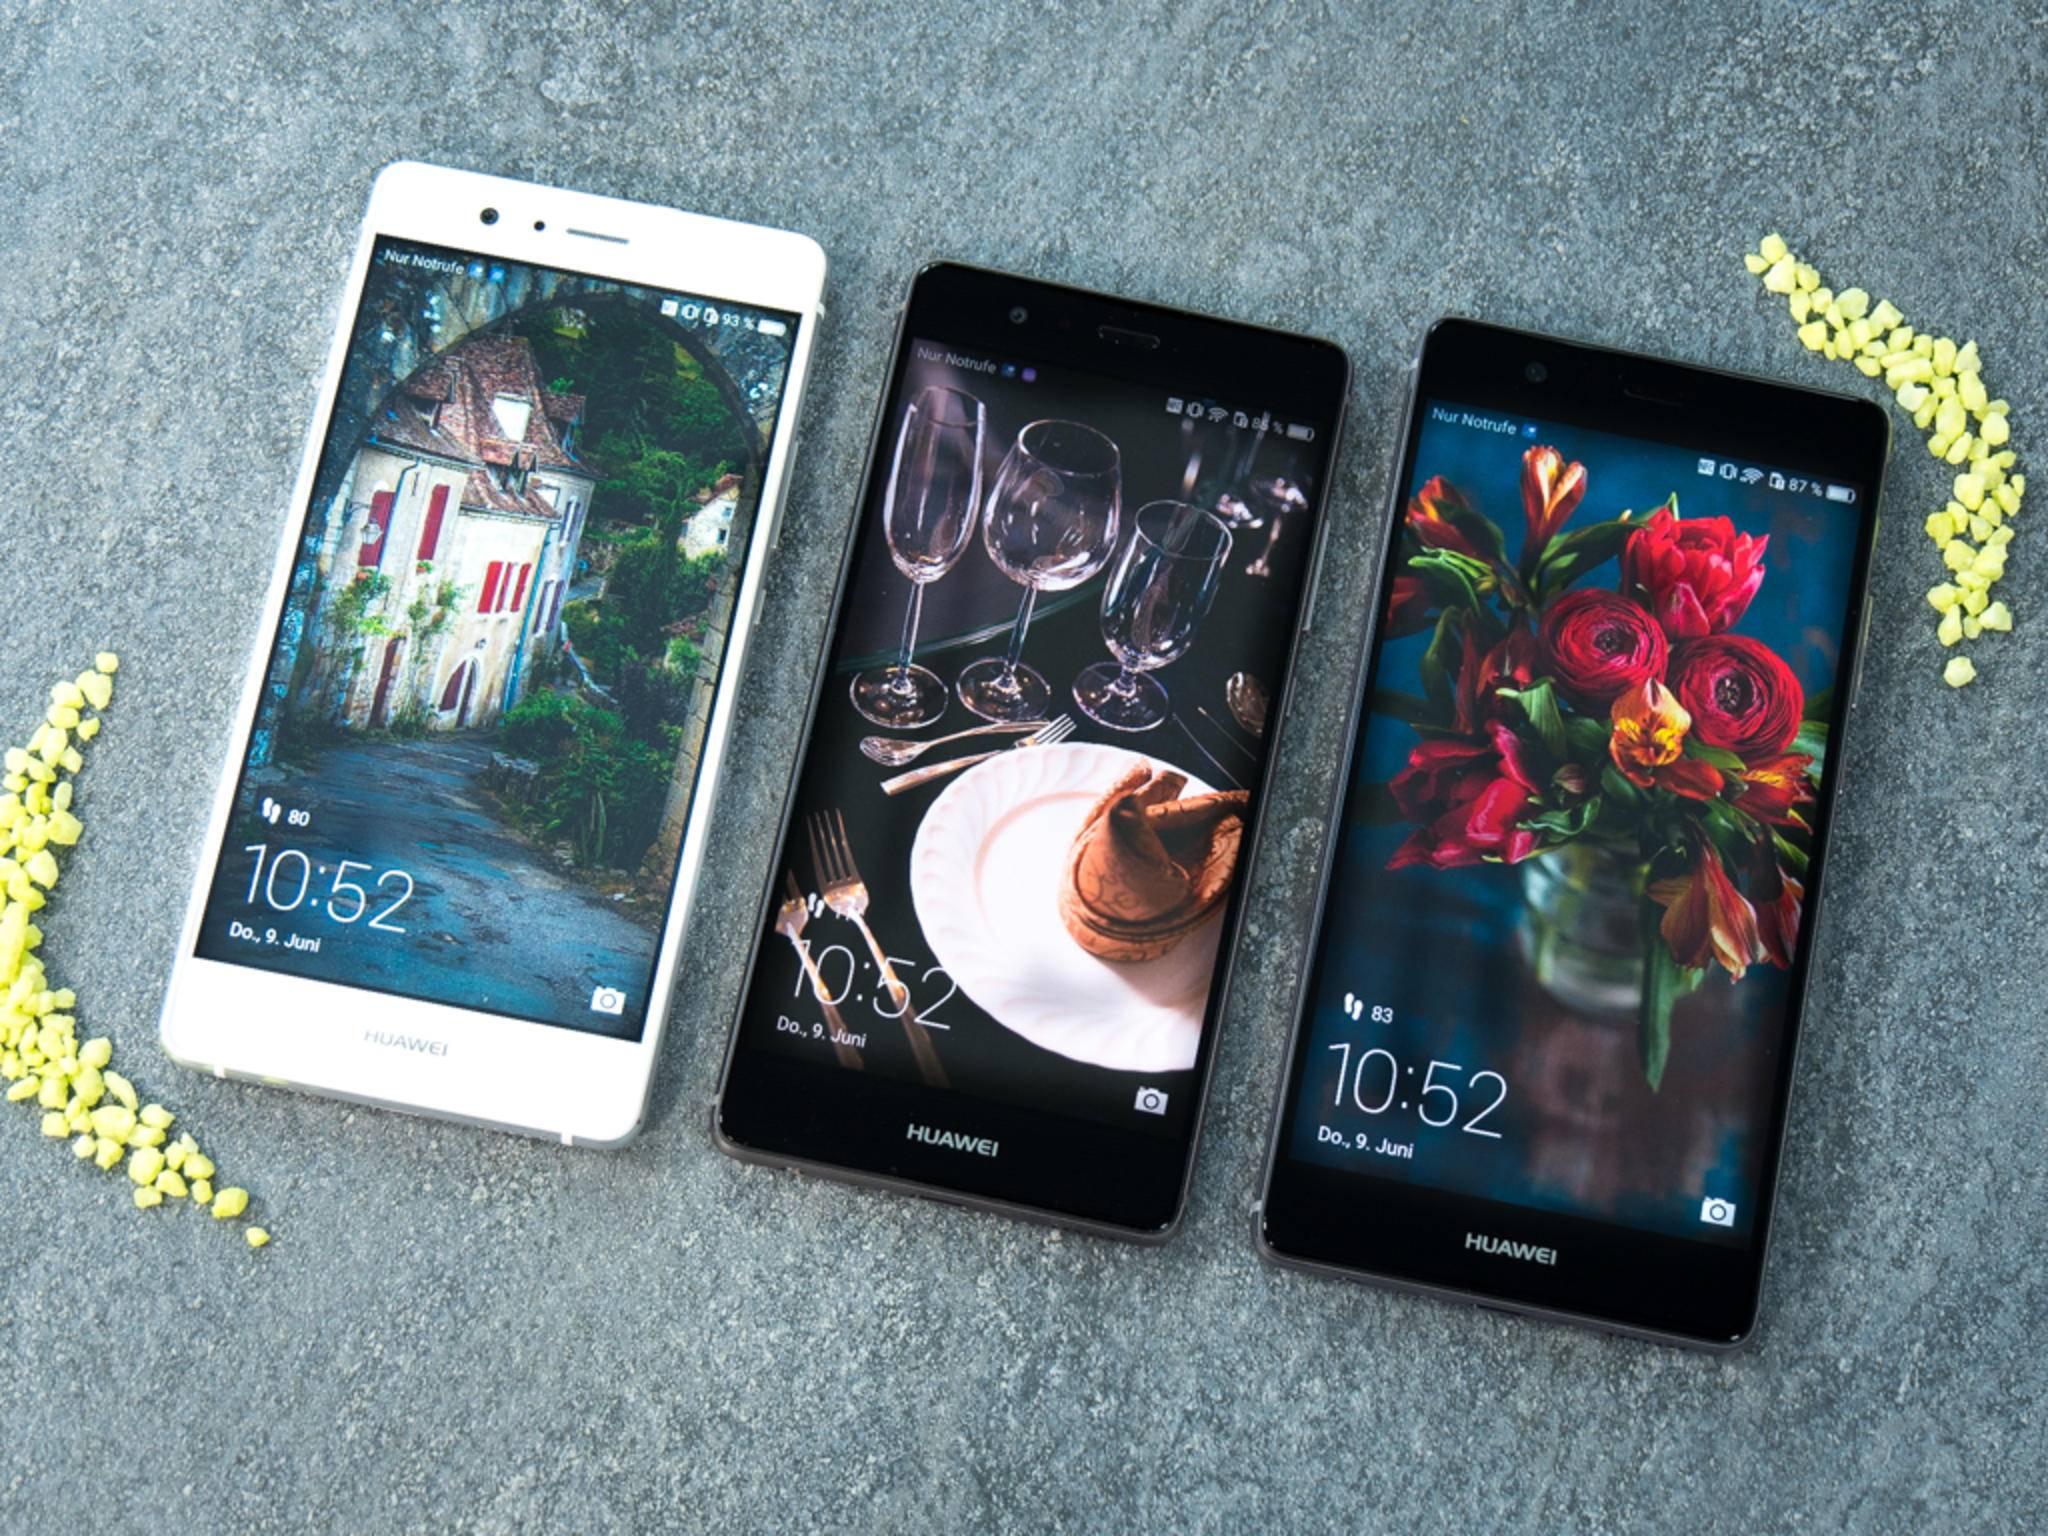 Zweimal 5,2 Zoll, einmal 5,5 Zoll: Huawei P9 Lite, P9 und P9 Plus.